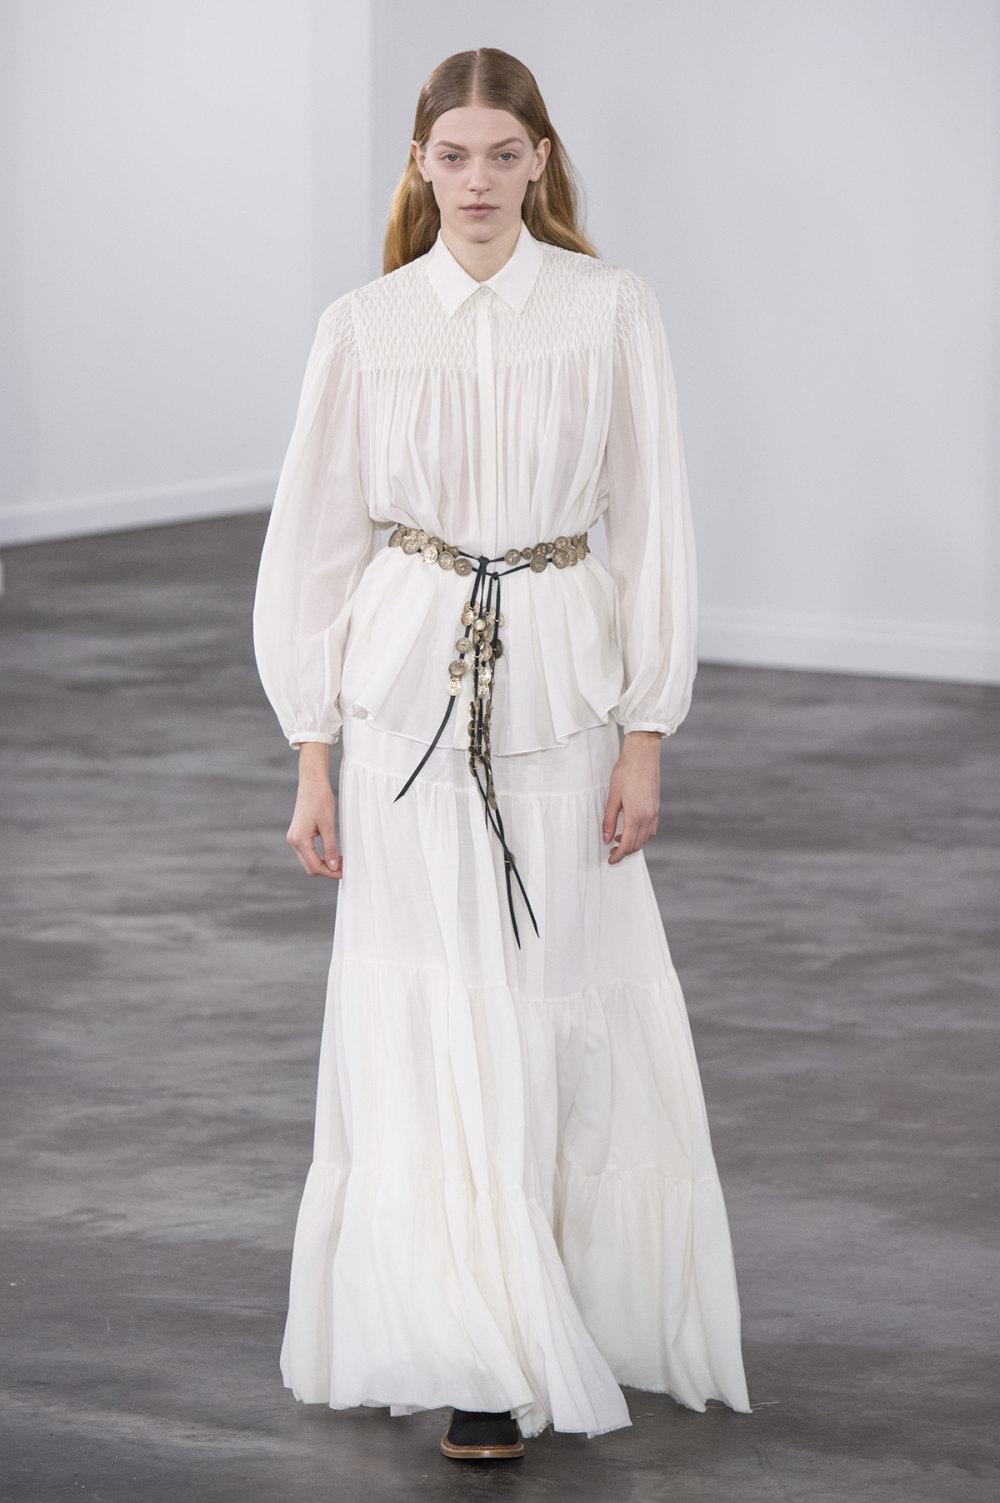 Gabriela Hearst时装系列细条纹西装和宽大毛衣之间形成鲜明对比-27.jpg